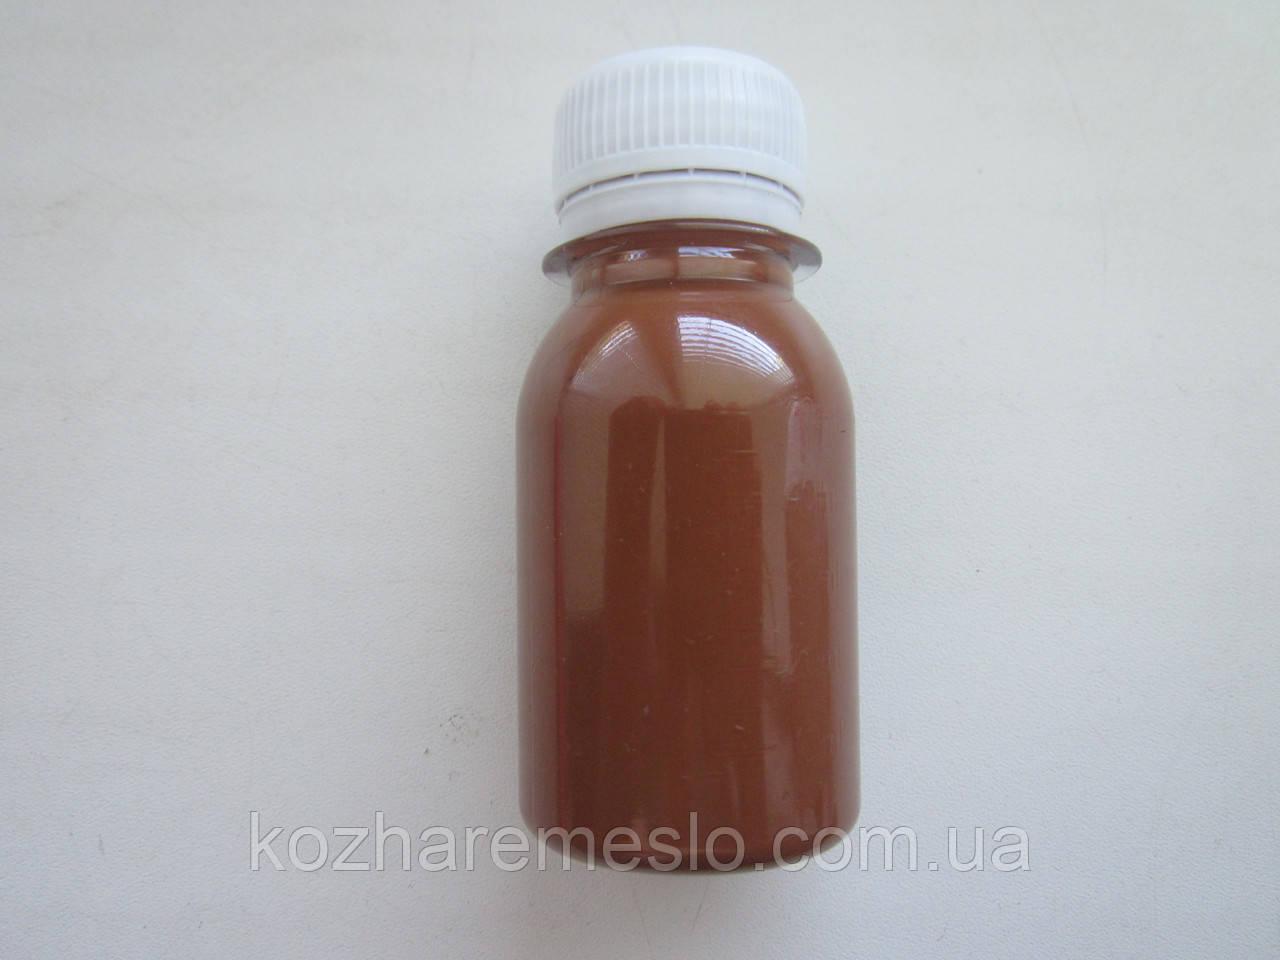 Краска для уреза (торца) кожи FENICE на силиконовой основе 200 грам светло - коричневый